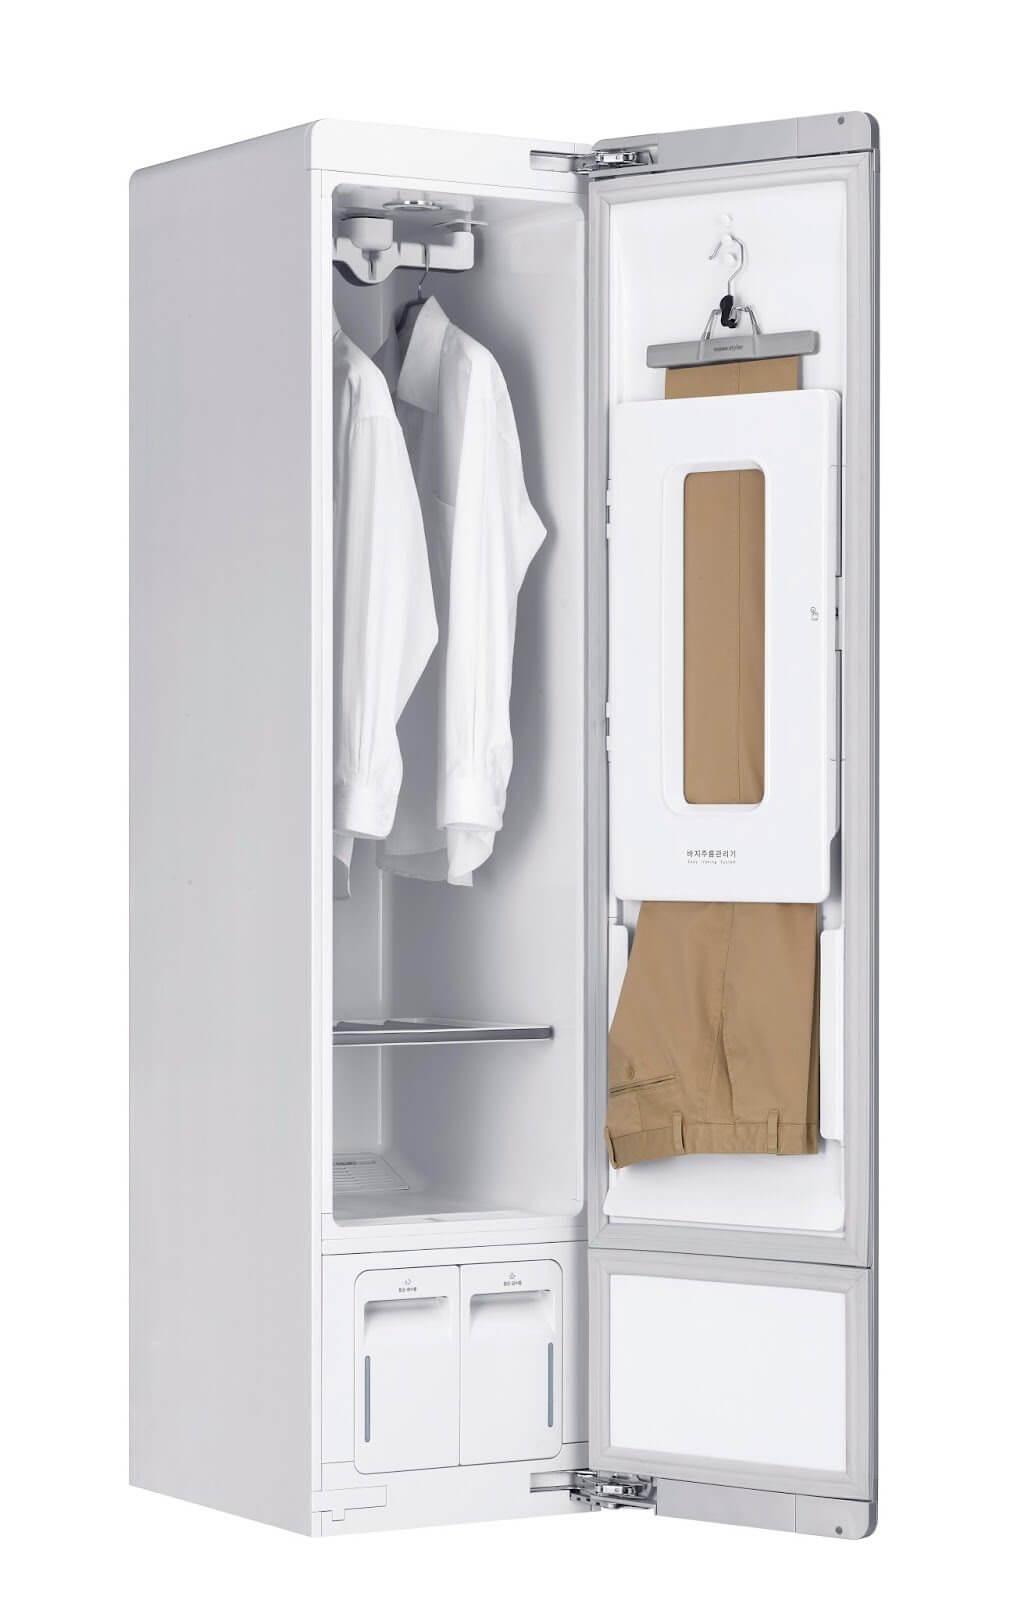 Lg styler quer, e consegue, ser um guarda-roupas inteligente. O lg styler consegue ser mais do que um armário, ou guarda-roupas, mas esbarra em um tamanho bem pequeno do lado de dentro.